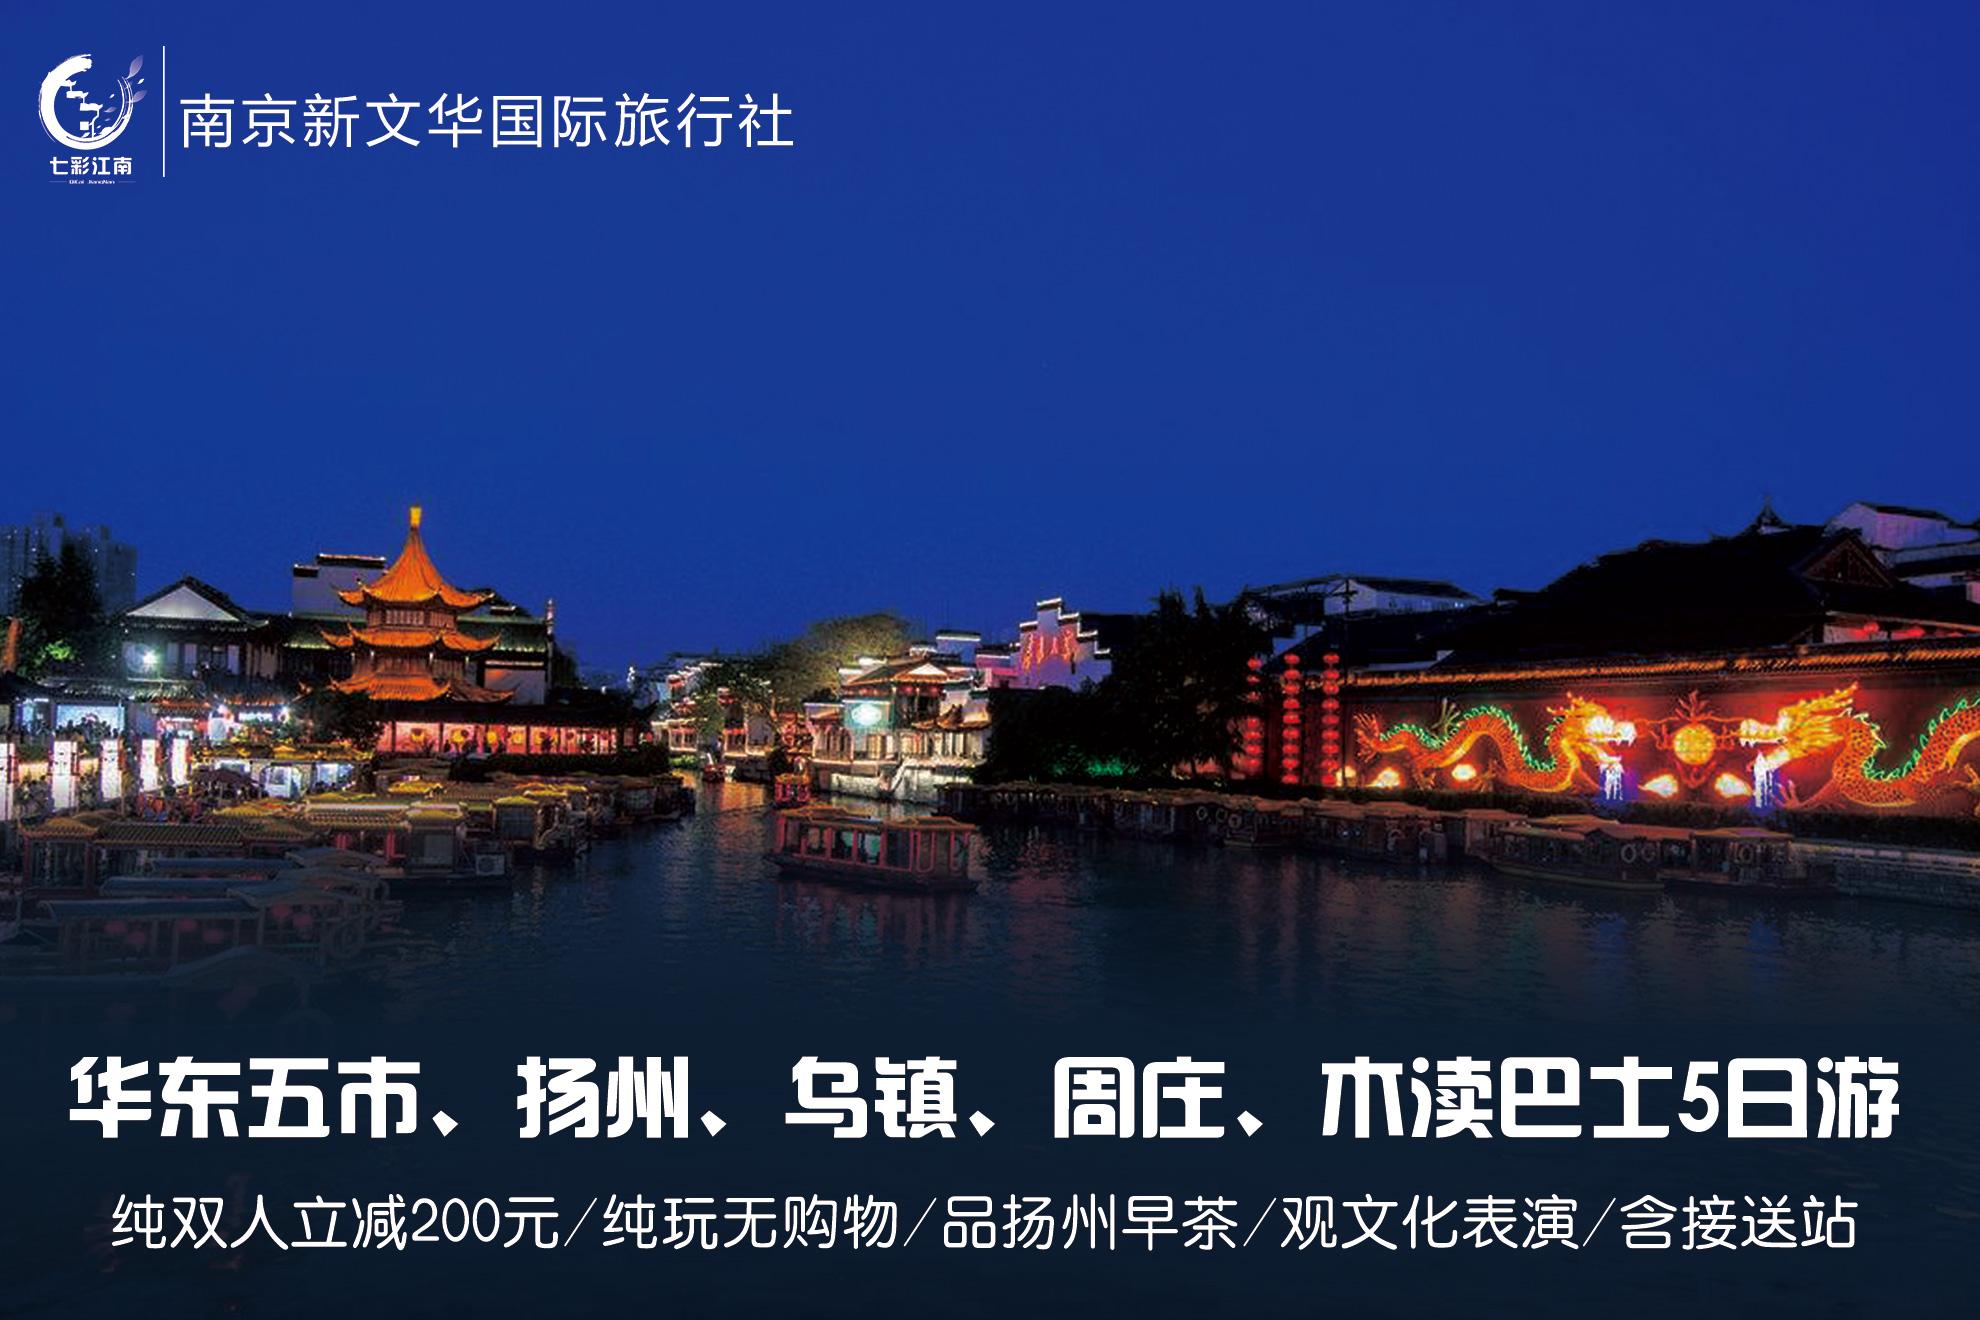 华东五市、扬州、乌镇、周庄、木渎巴士5日游纯玩无购物 三大水乡 品扬州早茶 观文化表演 含接送站